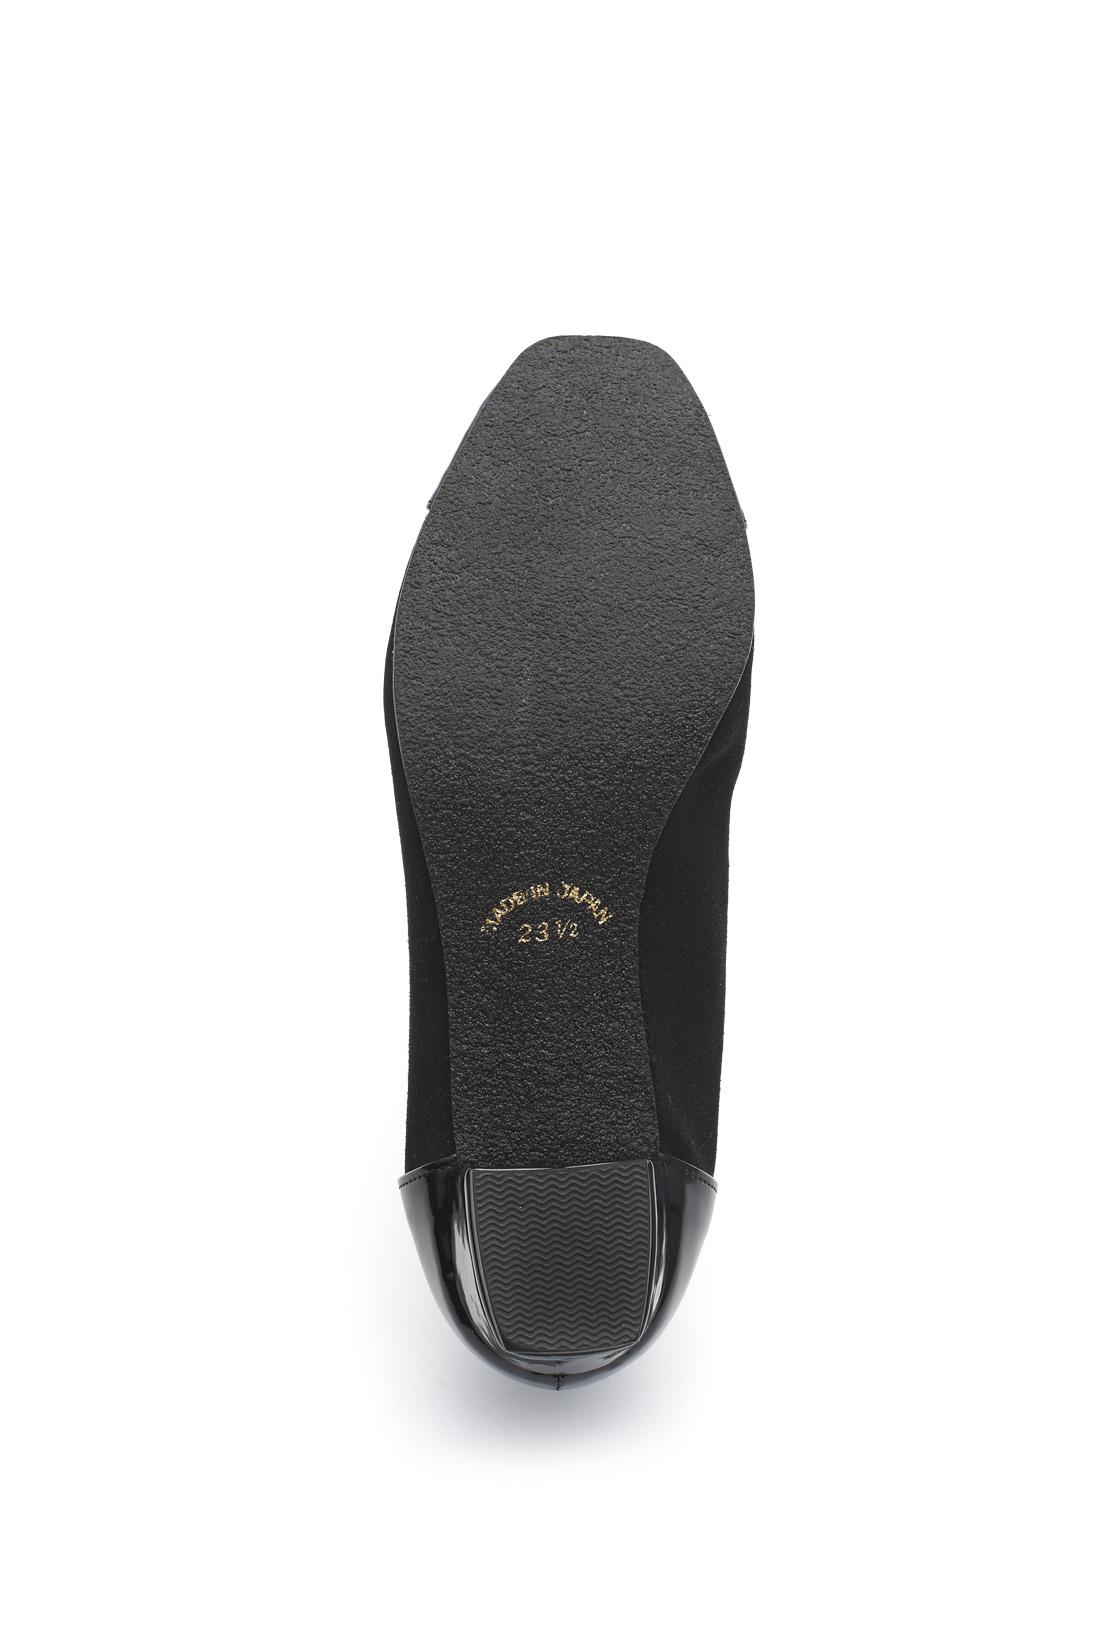 靴底は、滑りにくい合成底。